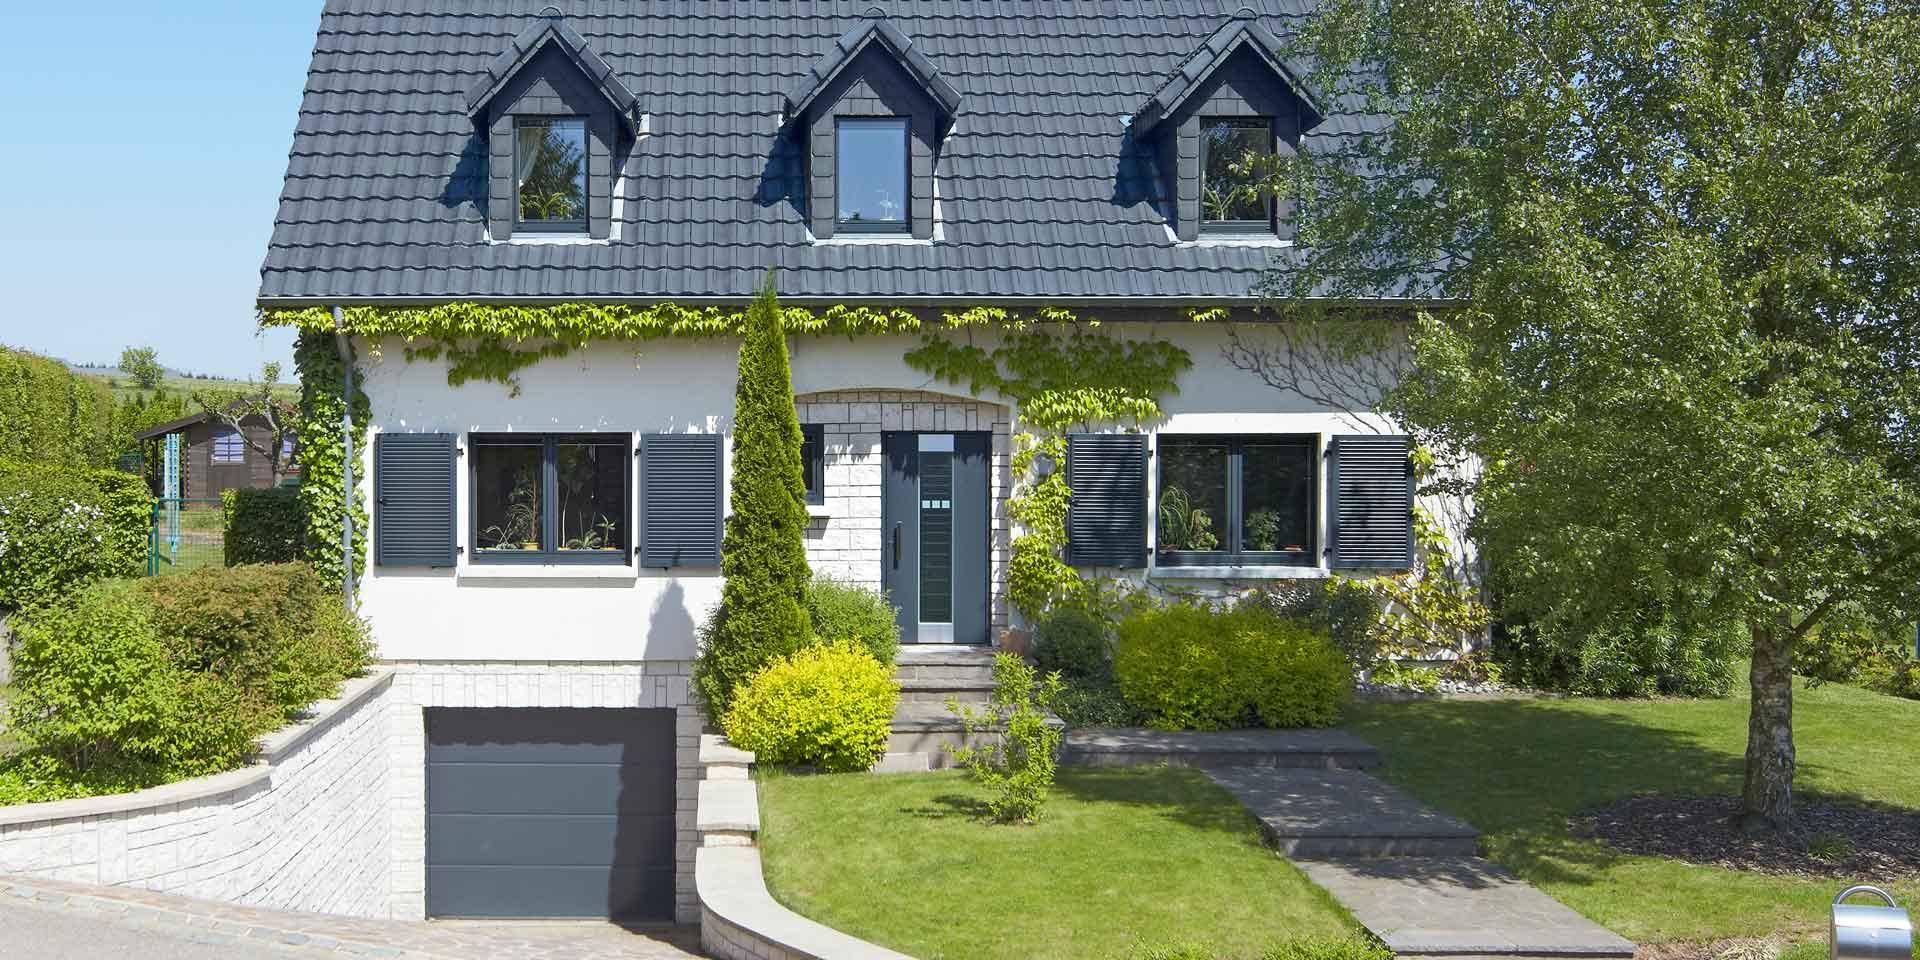 Weißes Einfamilienhaus mit neuen modernen Haustür und grauen einbruchsicheren Coplaning Fenster und einem grauen Garagentor.